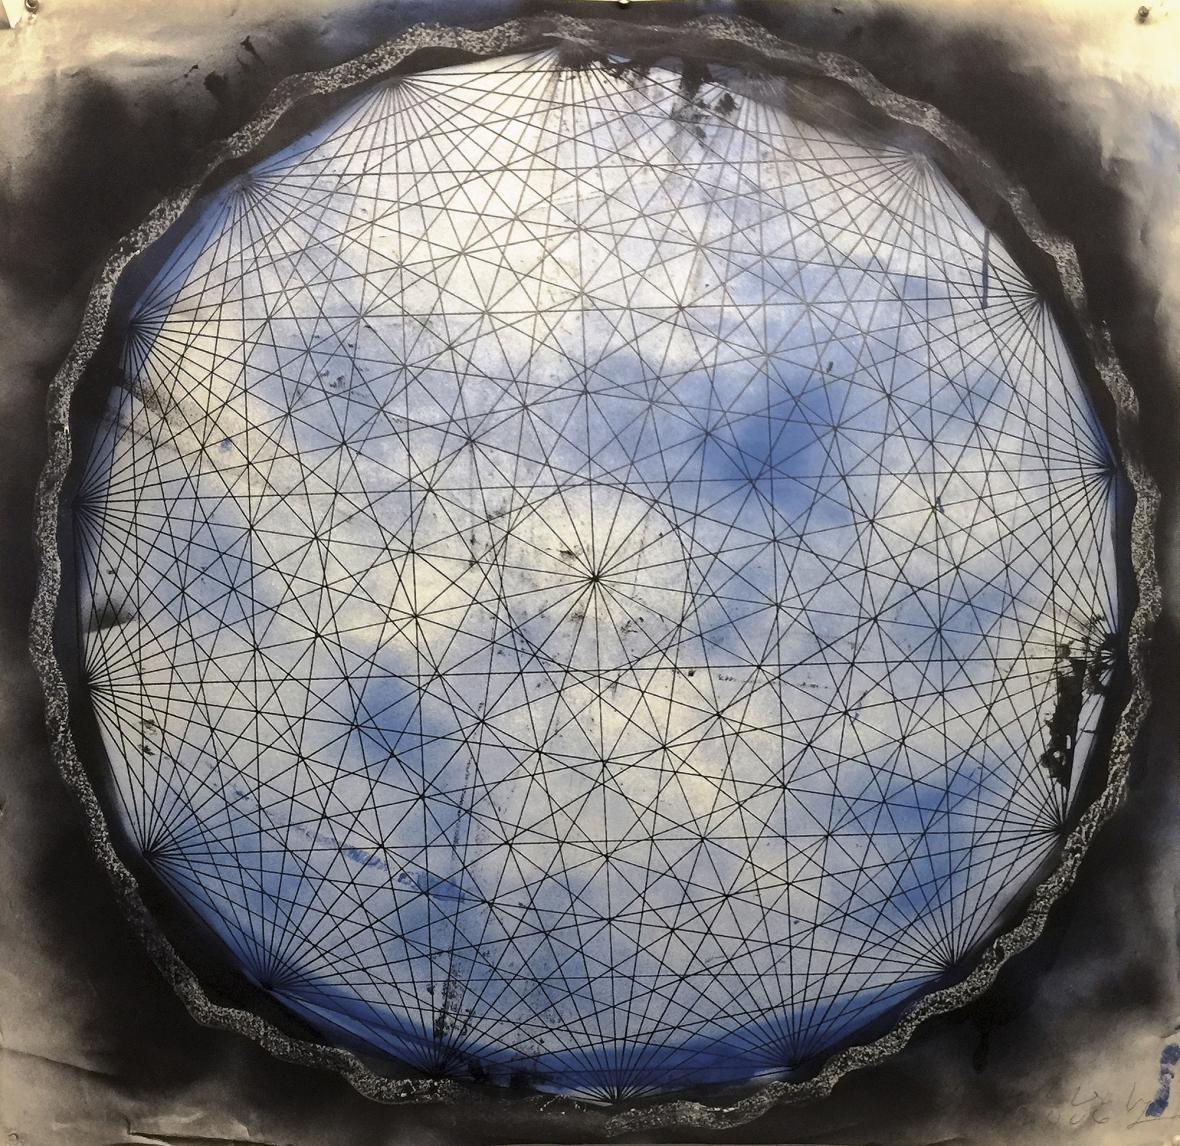 Mark Dagley / Černá koule velká, 2010